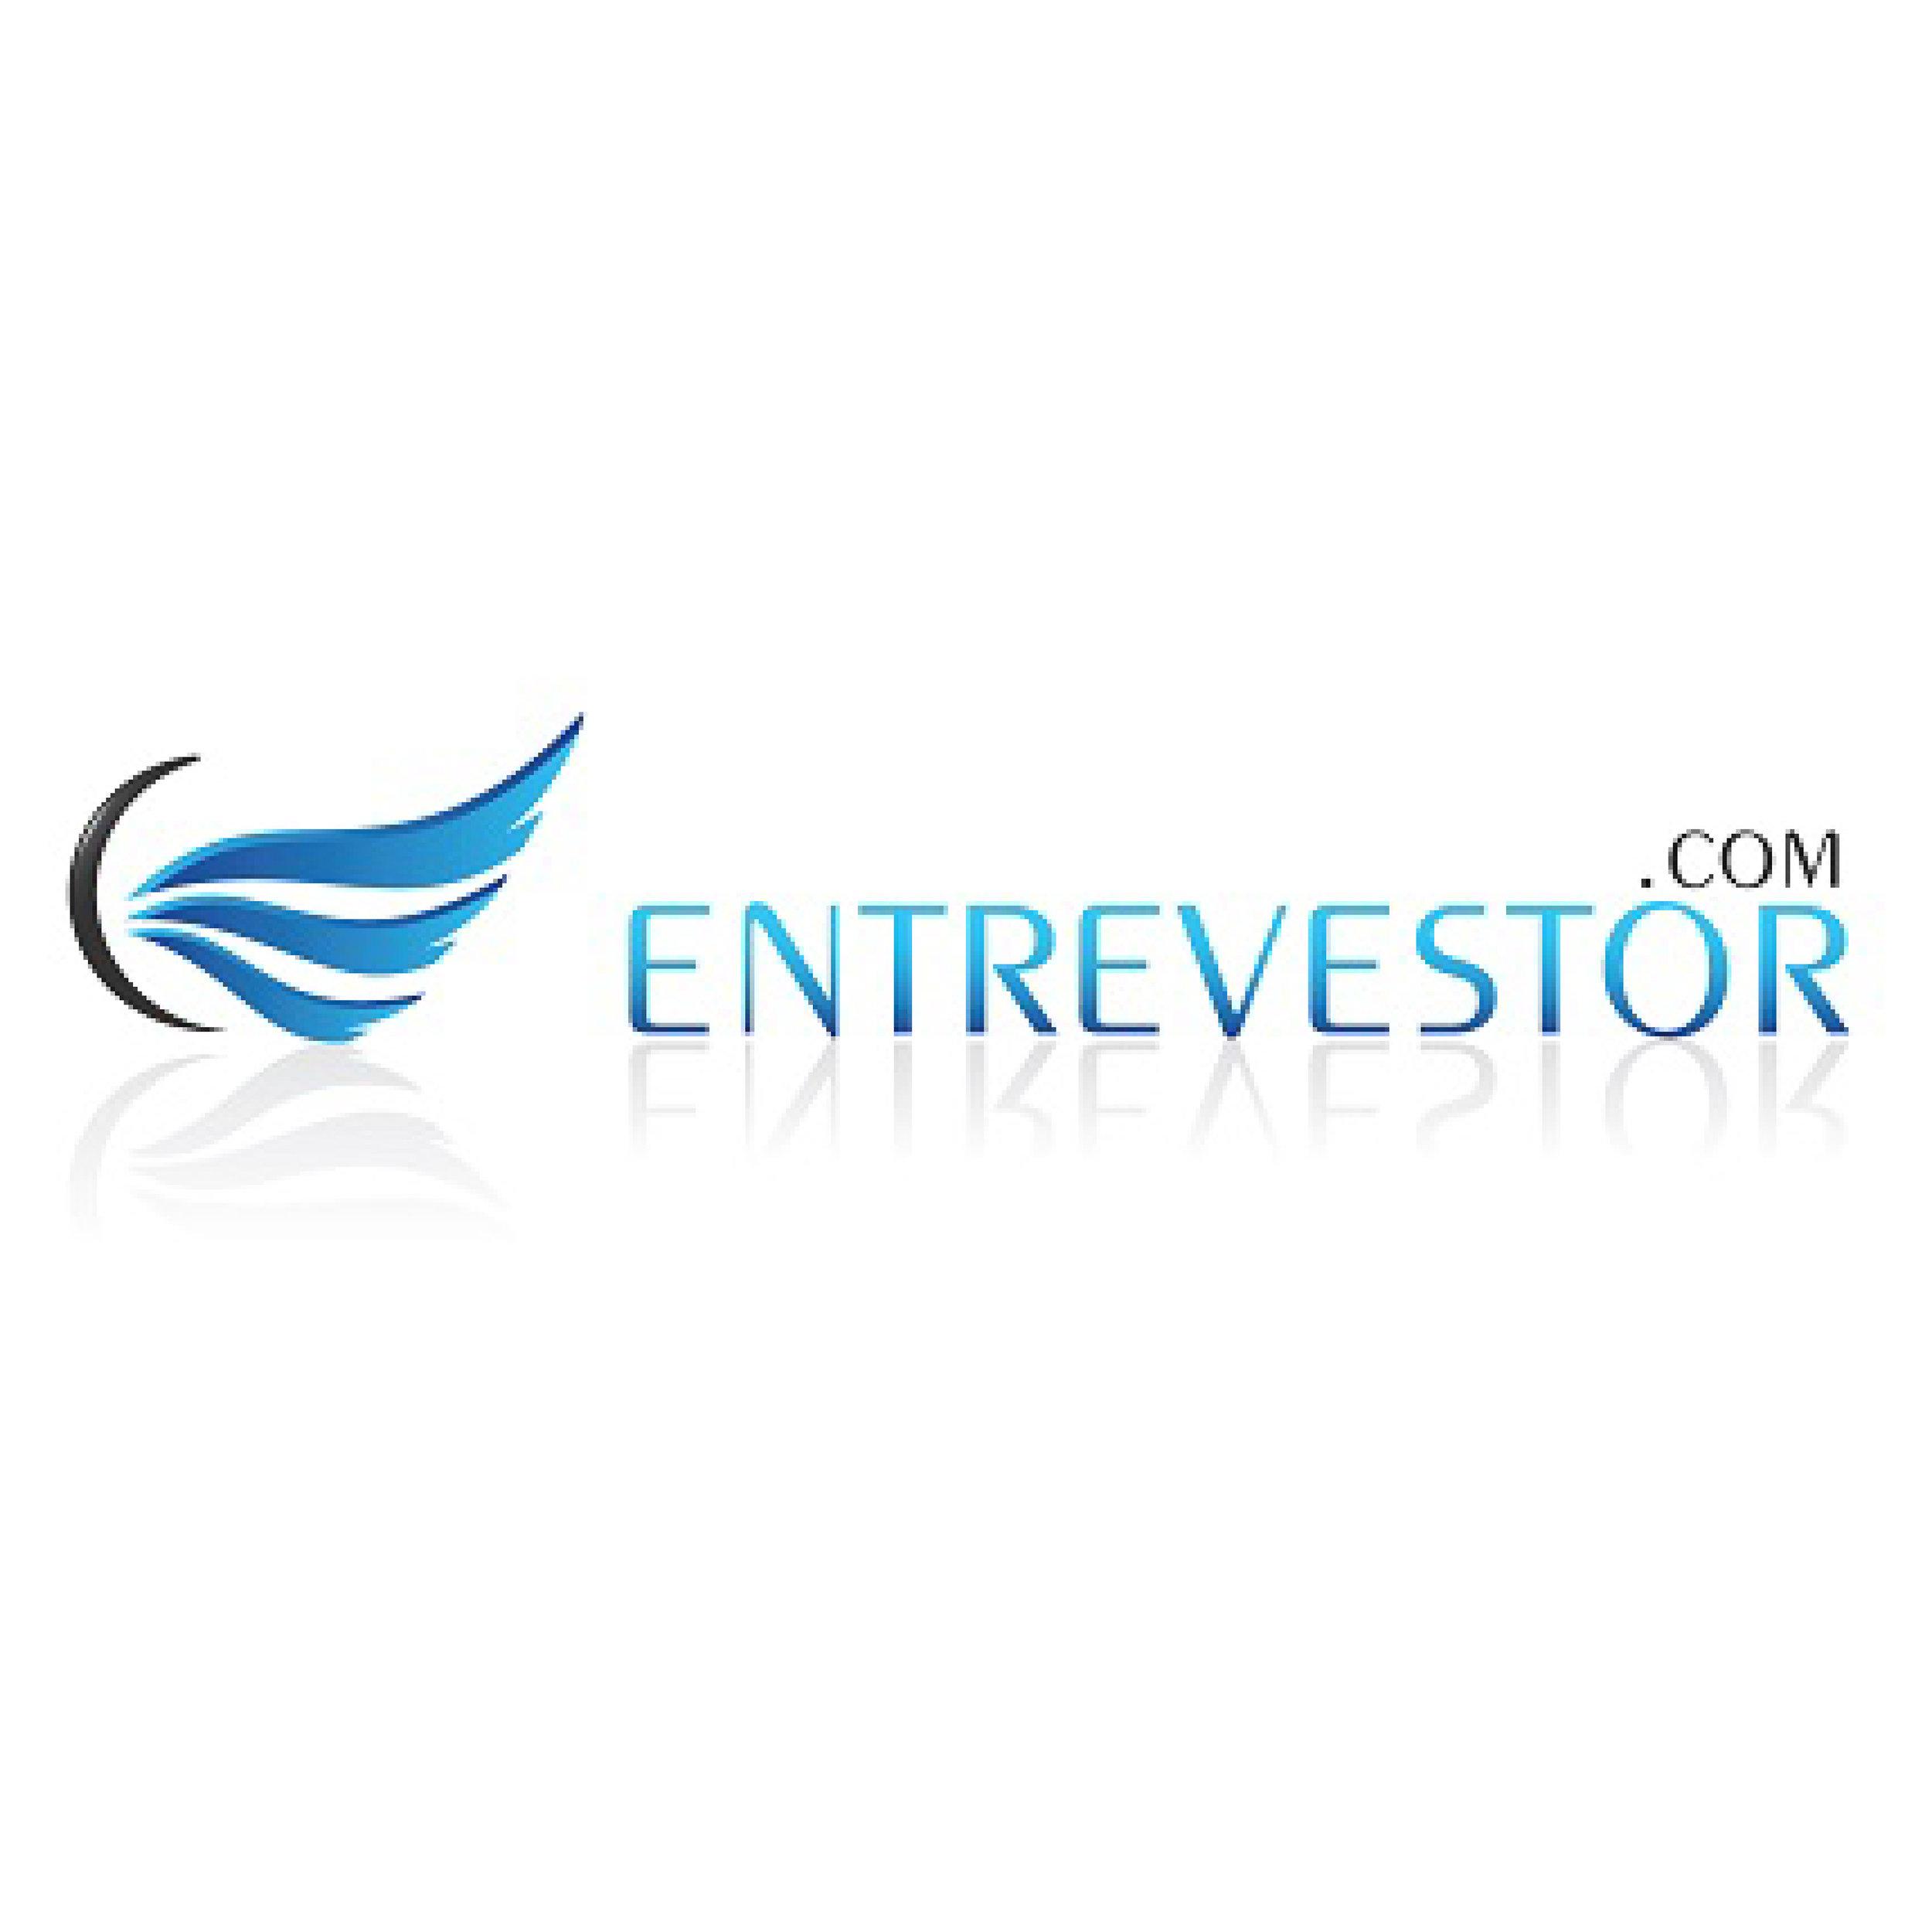 Entrevestor Square-01.jpg